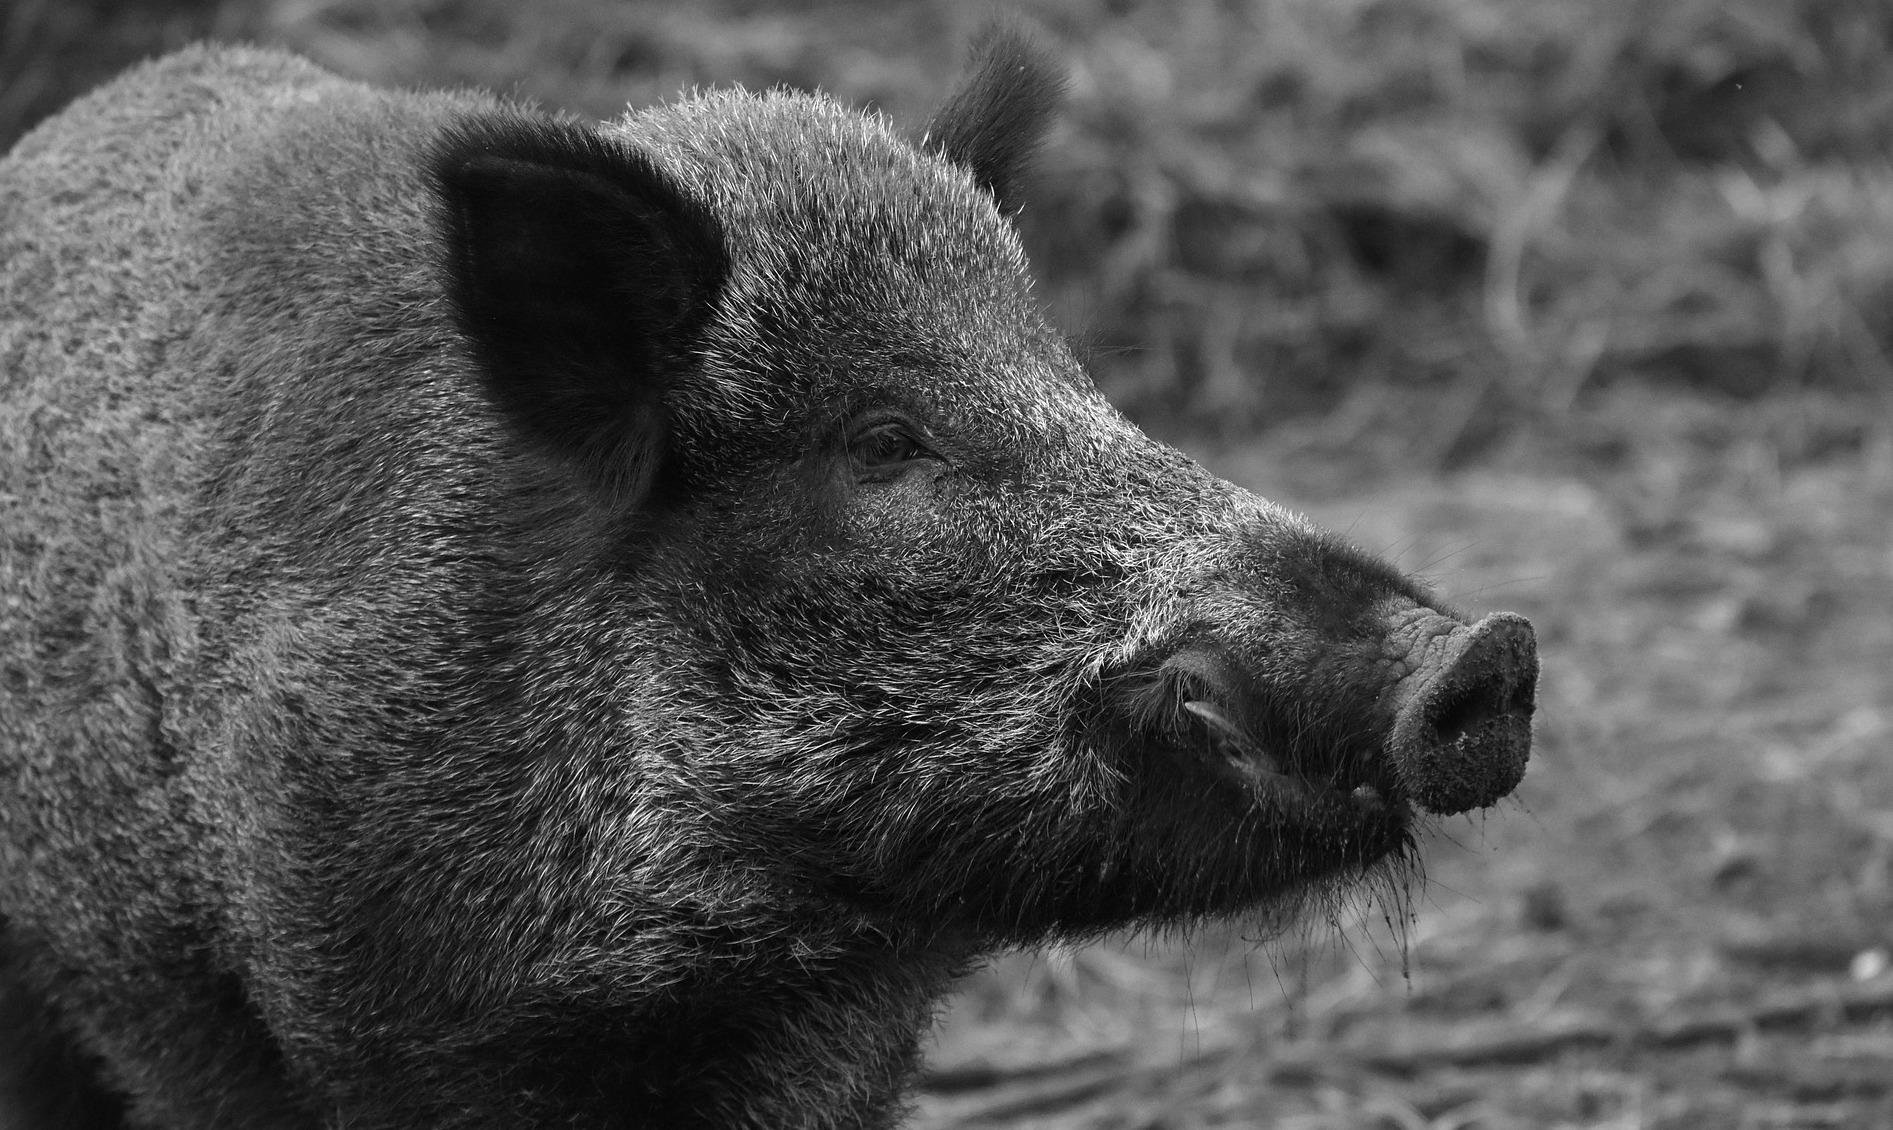 Offizielle Abschussprämie: 65 Euro für jedes Wildschwein